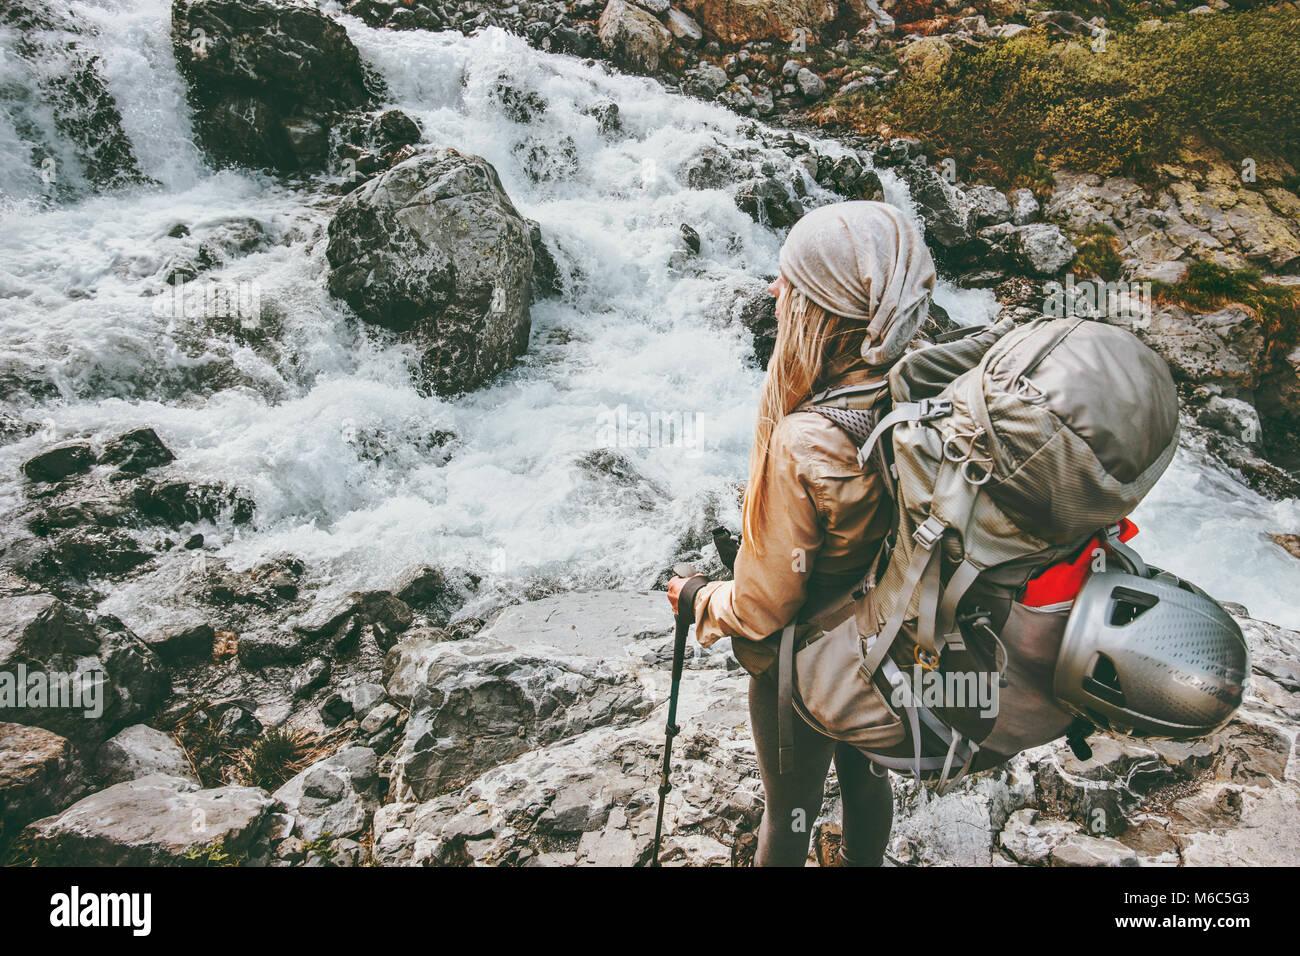 Abenteurer reisen Frau wandern mit Rucksack am Fluss in den Bergen gesunder Lebensstil Konzept Aktiv Sommer Ferien Stockbild